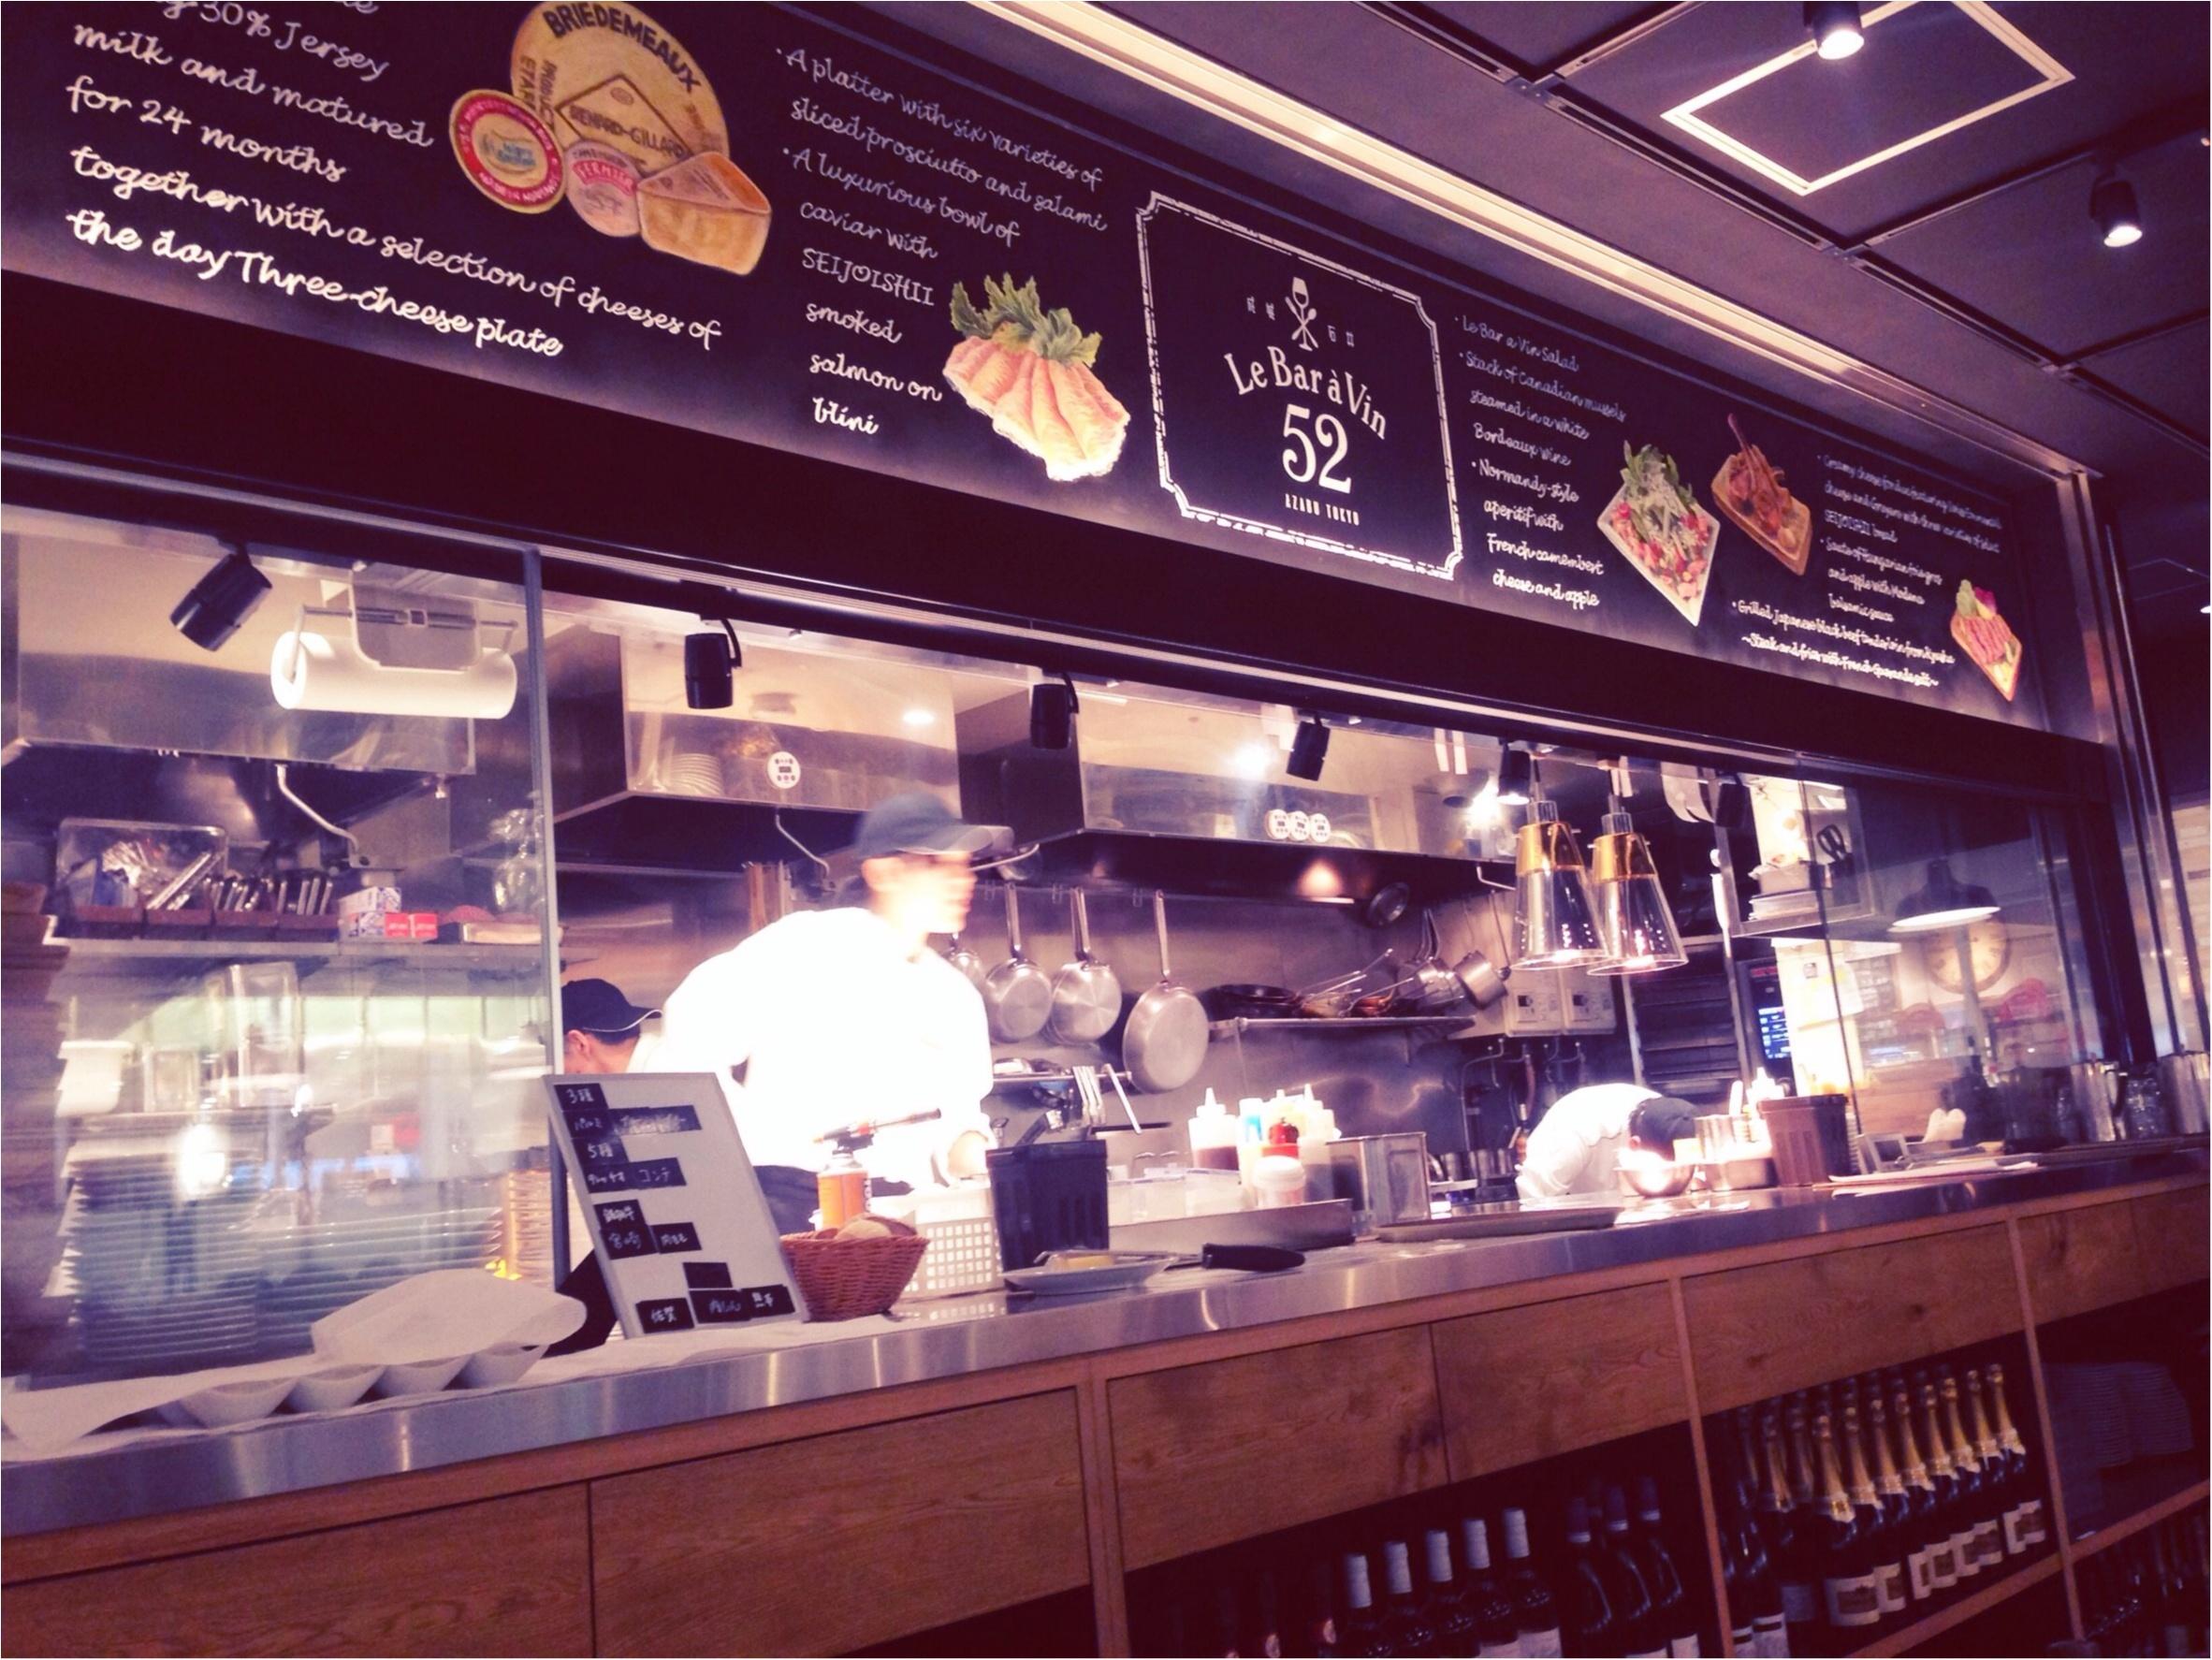 ホントは教えたくない❤️ダイエットに最適な外食店★【ロカボ】成城石井プロデュースのワインと料理が超絶おいしいお店_14